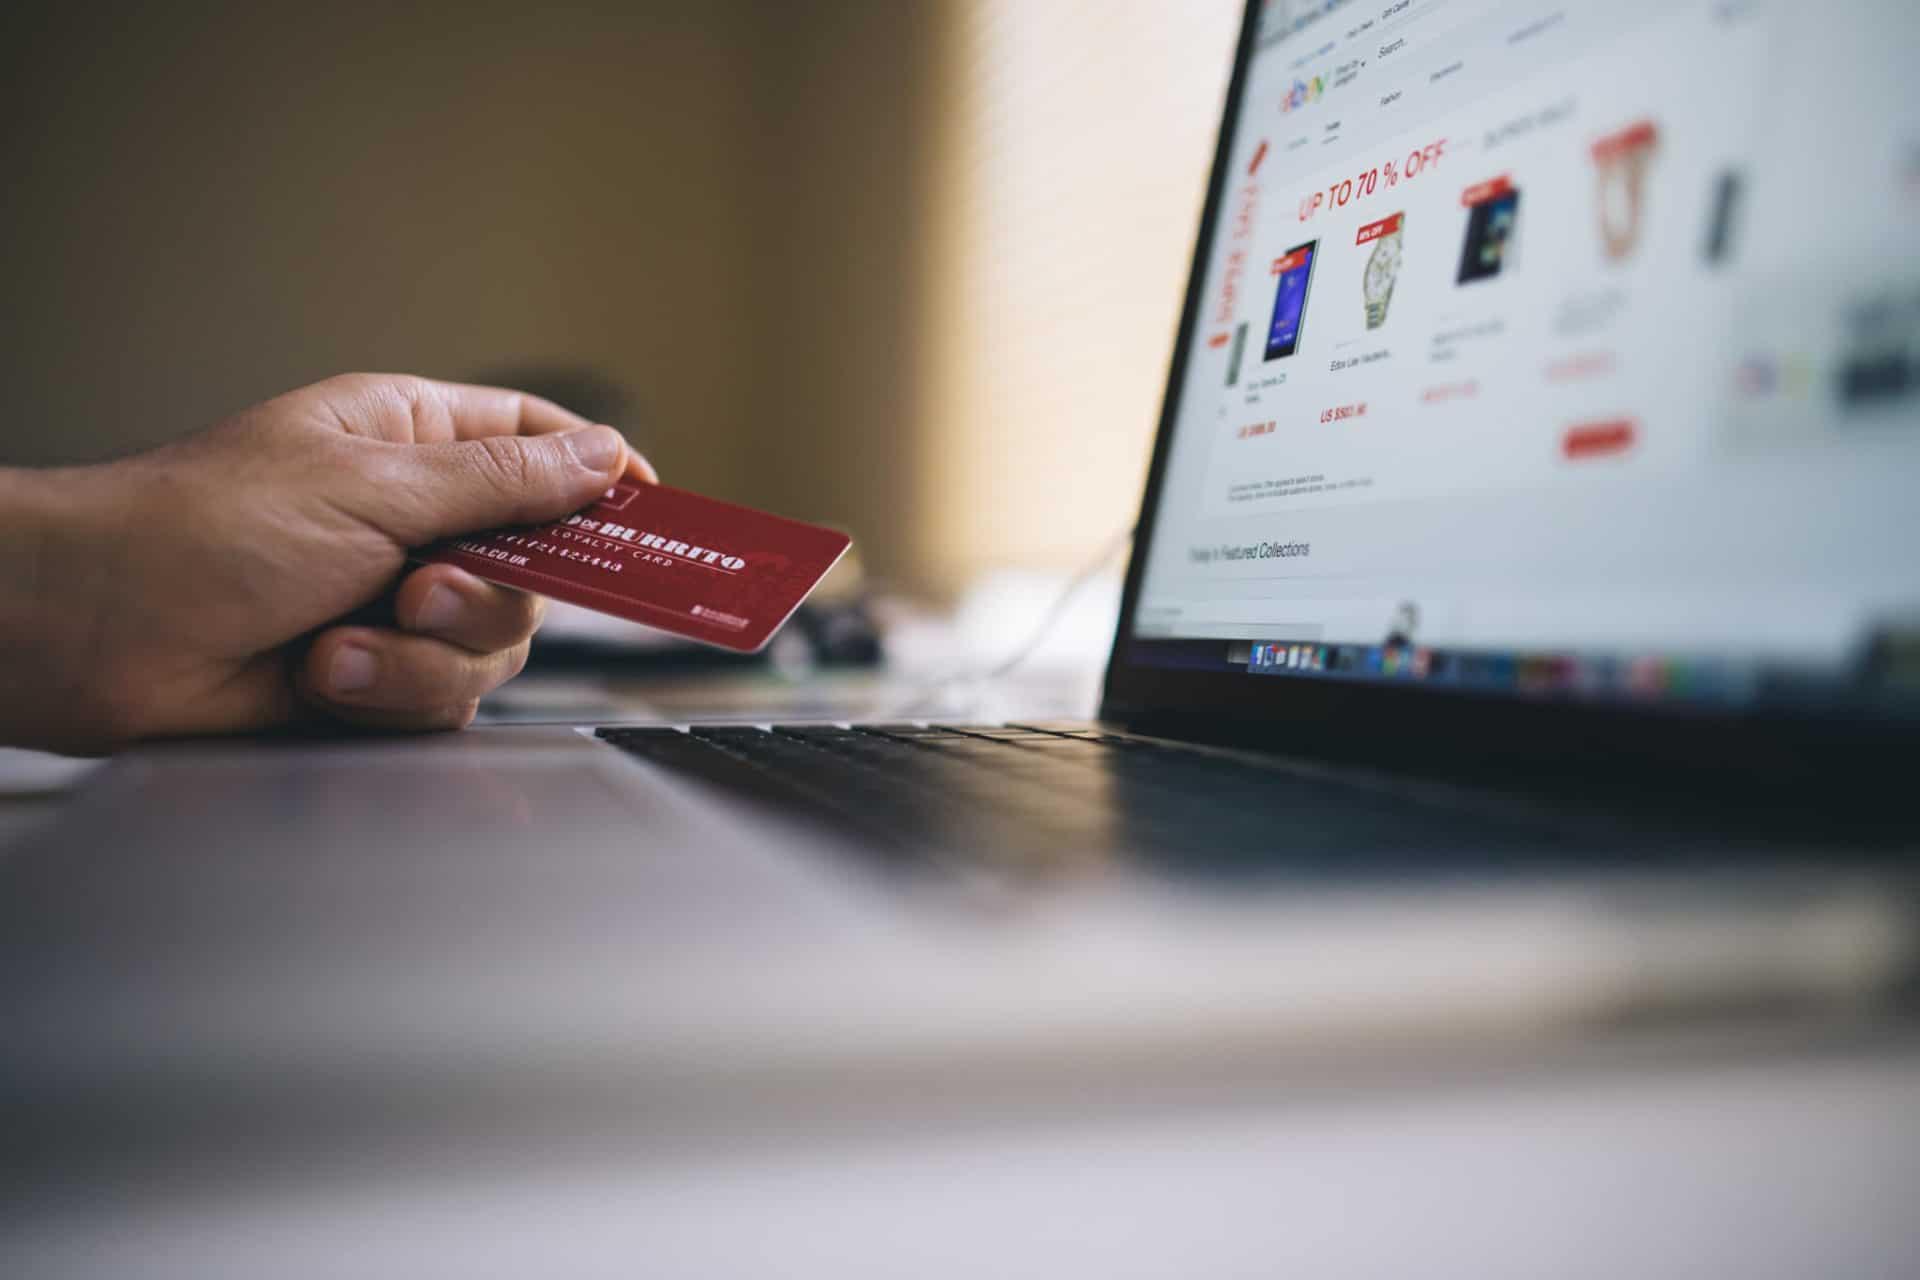 black friday buy computer 34577 - Juegos Online: Cómo Miguel perdió 40 mil euros y ahora está recuperando las riendas de su vida